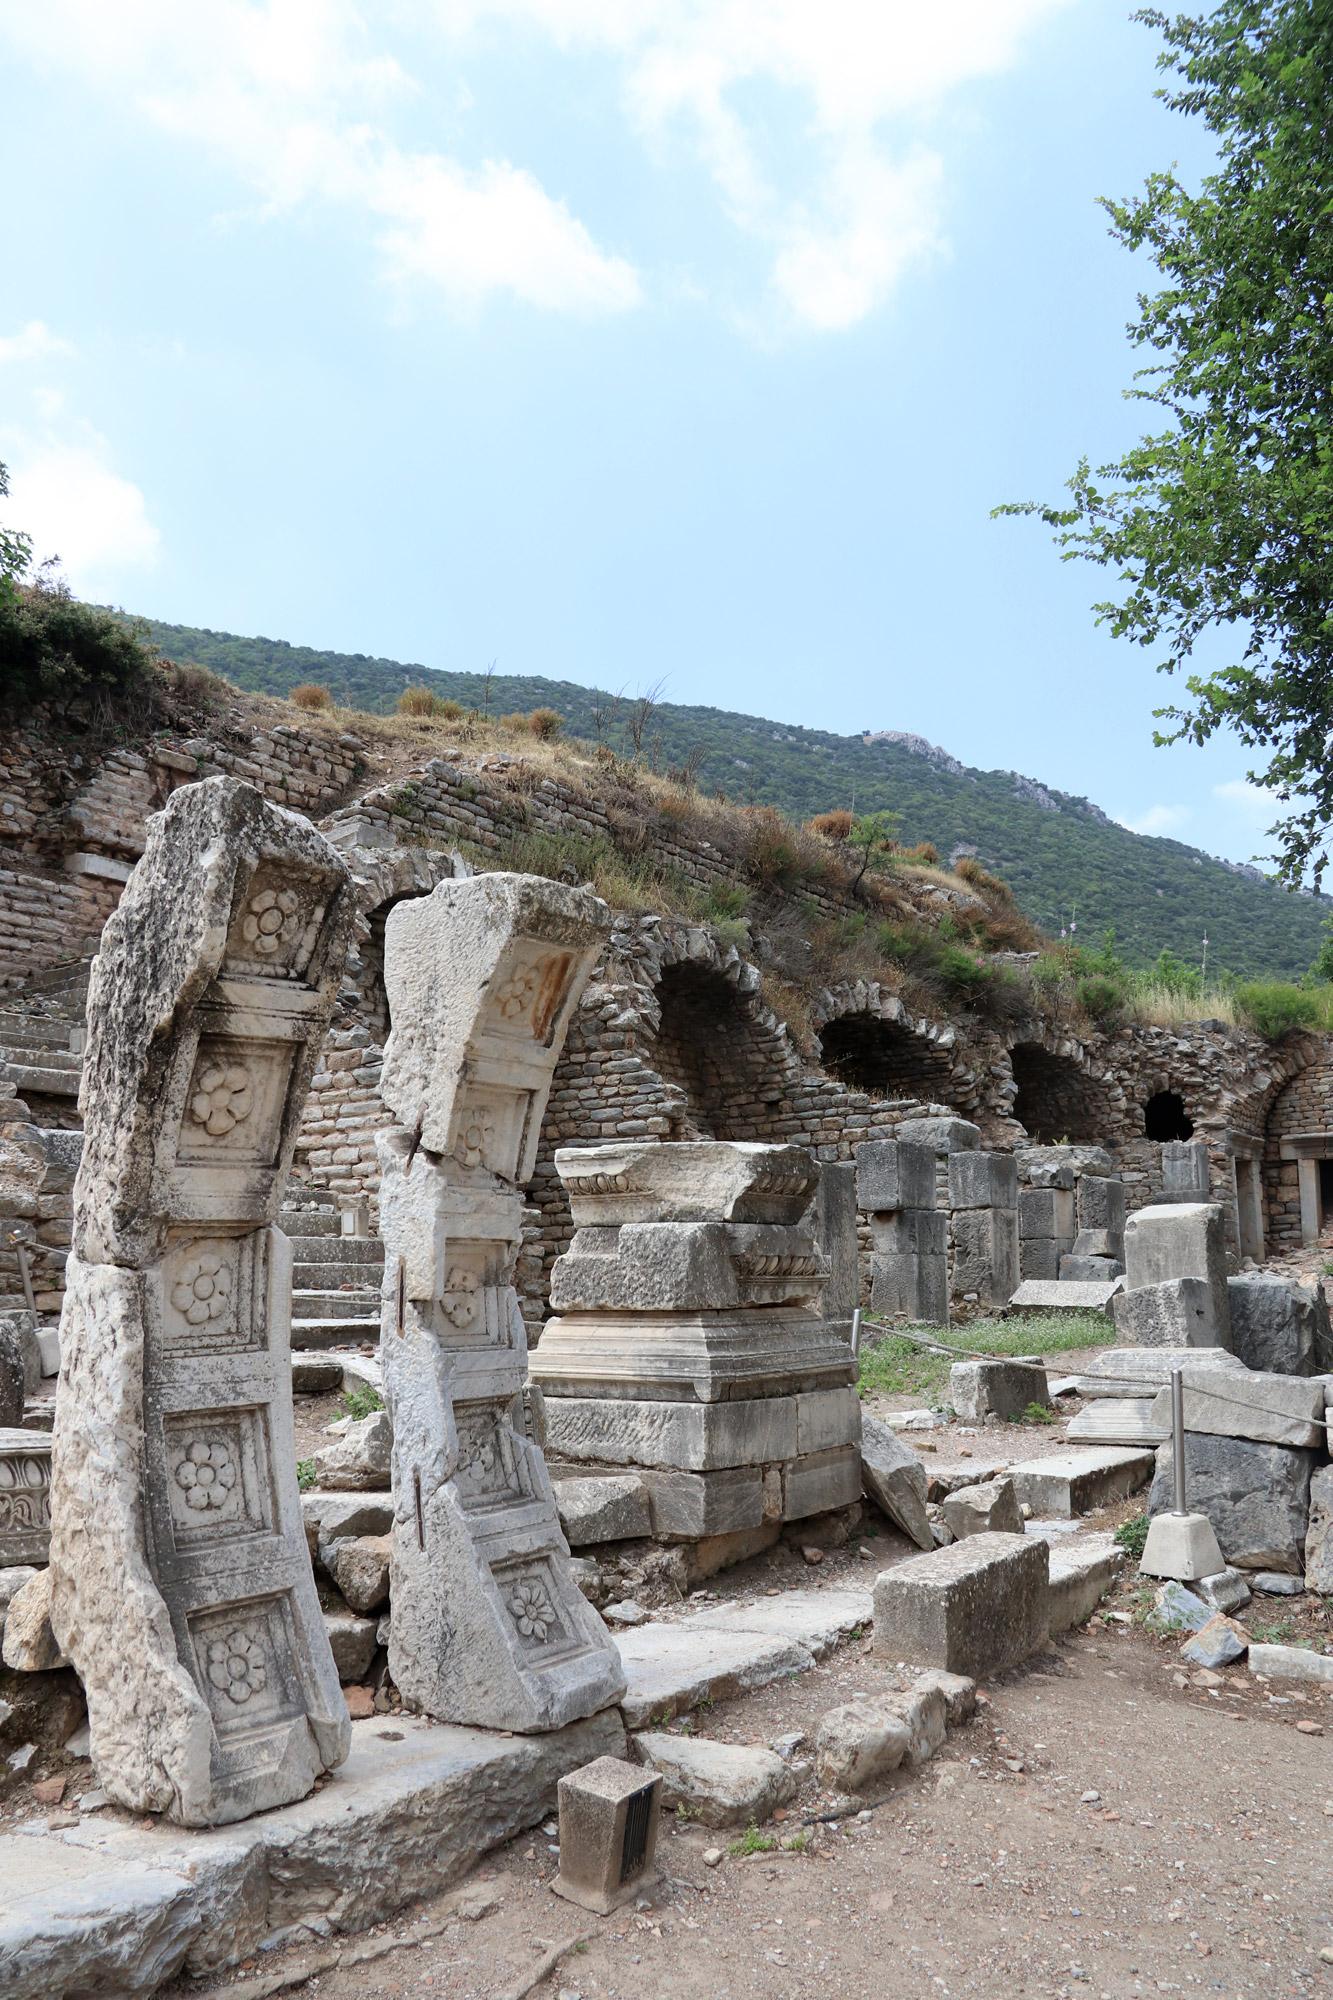 Turkije reisverslag: Efeze en Şirince - De Tempel van Domintianus